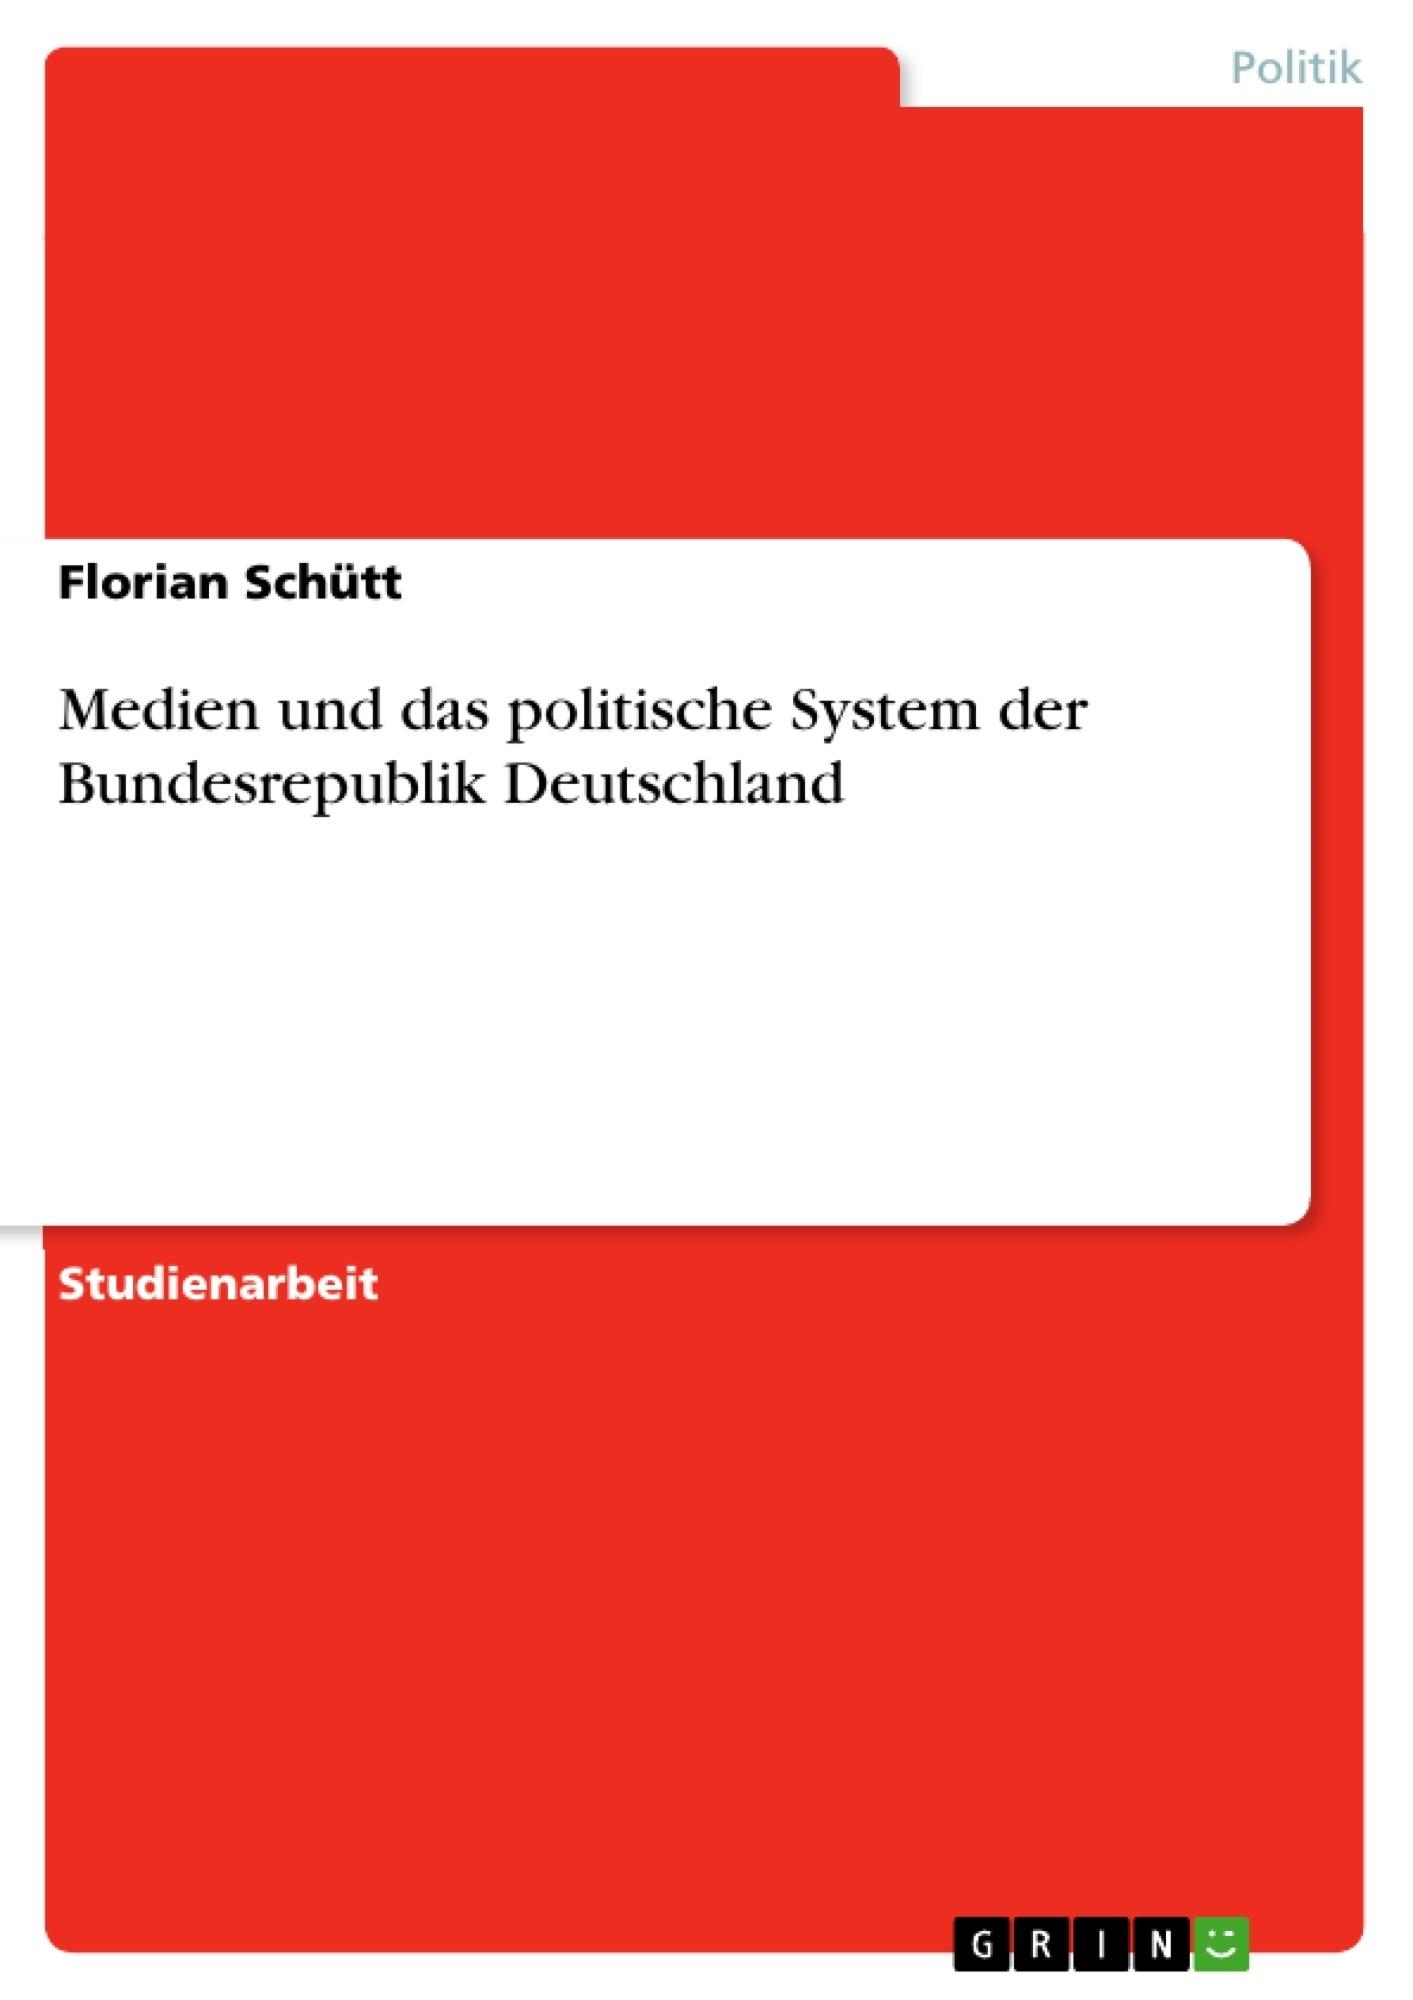 Titel: Medien und das politische System der Bundesrepublik Deutschland